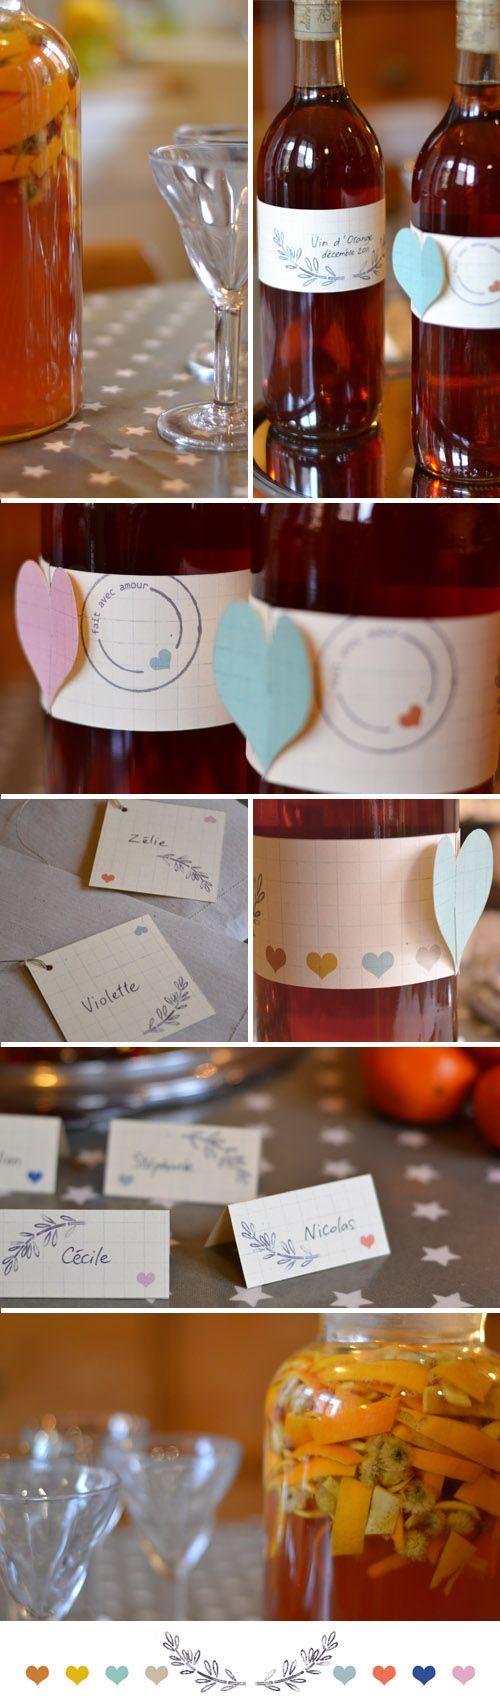 2 recettes vin de Noël (à préparer 3/4 semaine avant Noël) + étiquettes bouteilles et cadeaux